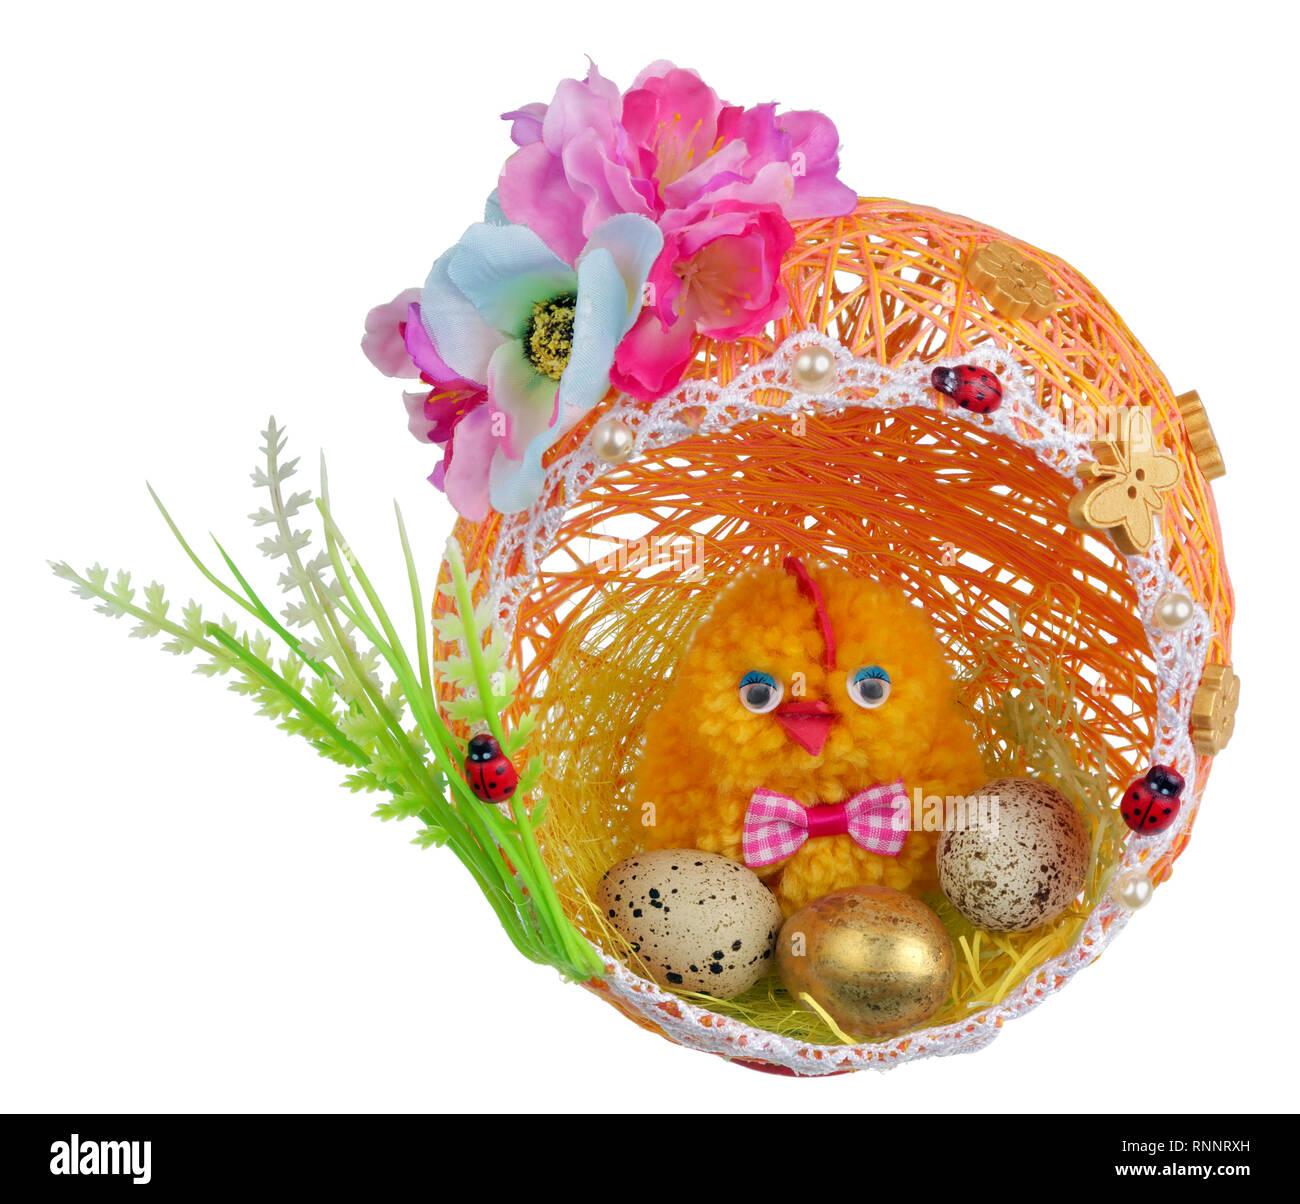 Artesanal de Pascua con huevos de pollo en el nido de la rosca y el papel. Aislado en blanco studio concepto Foto de stock